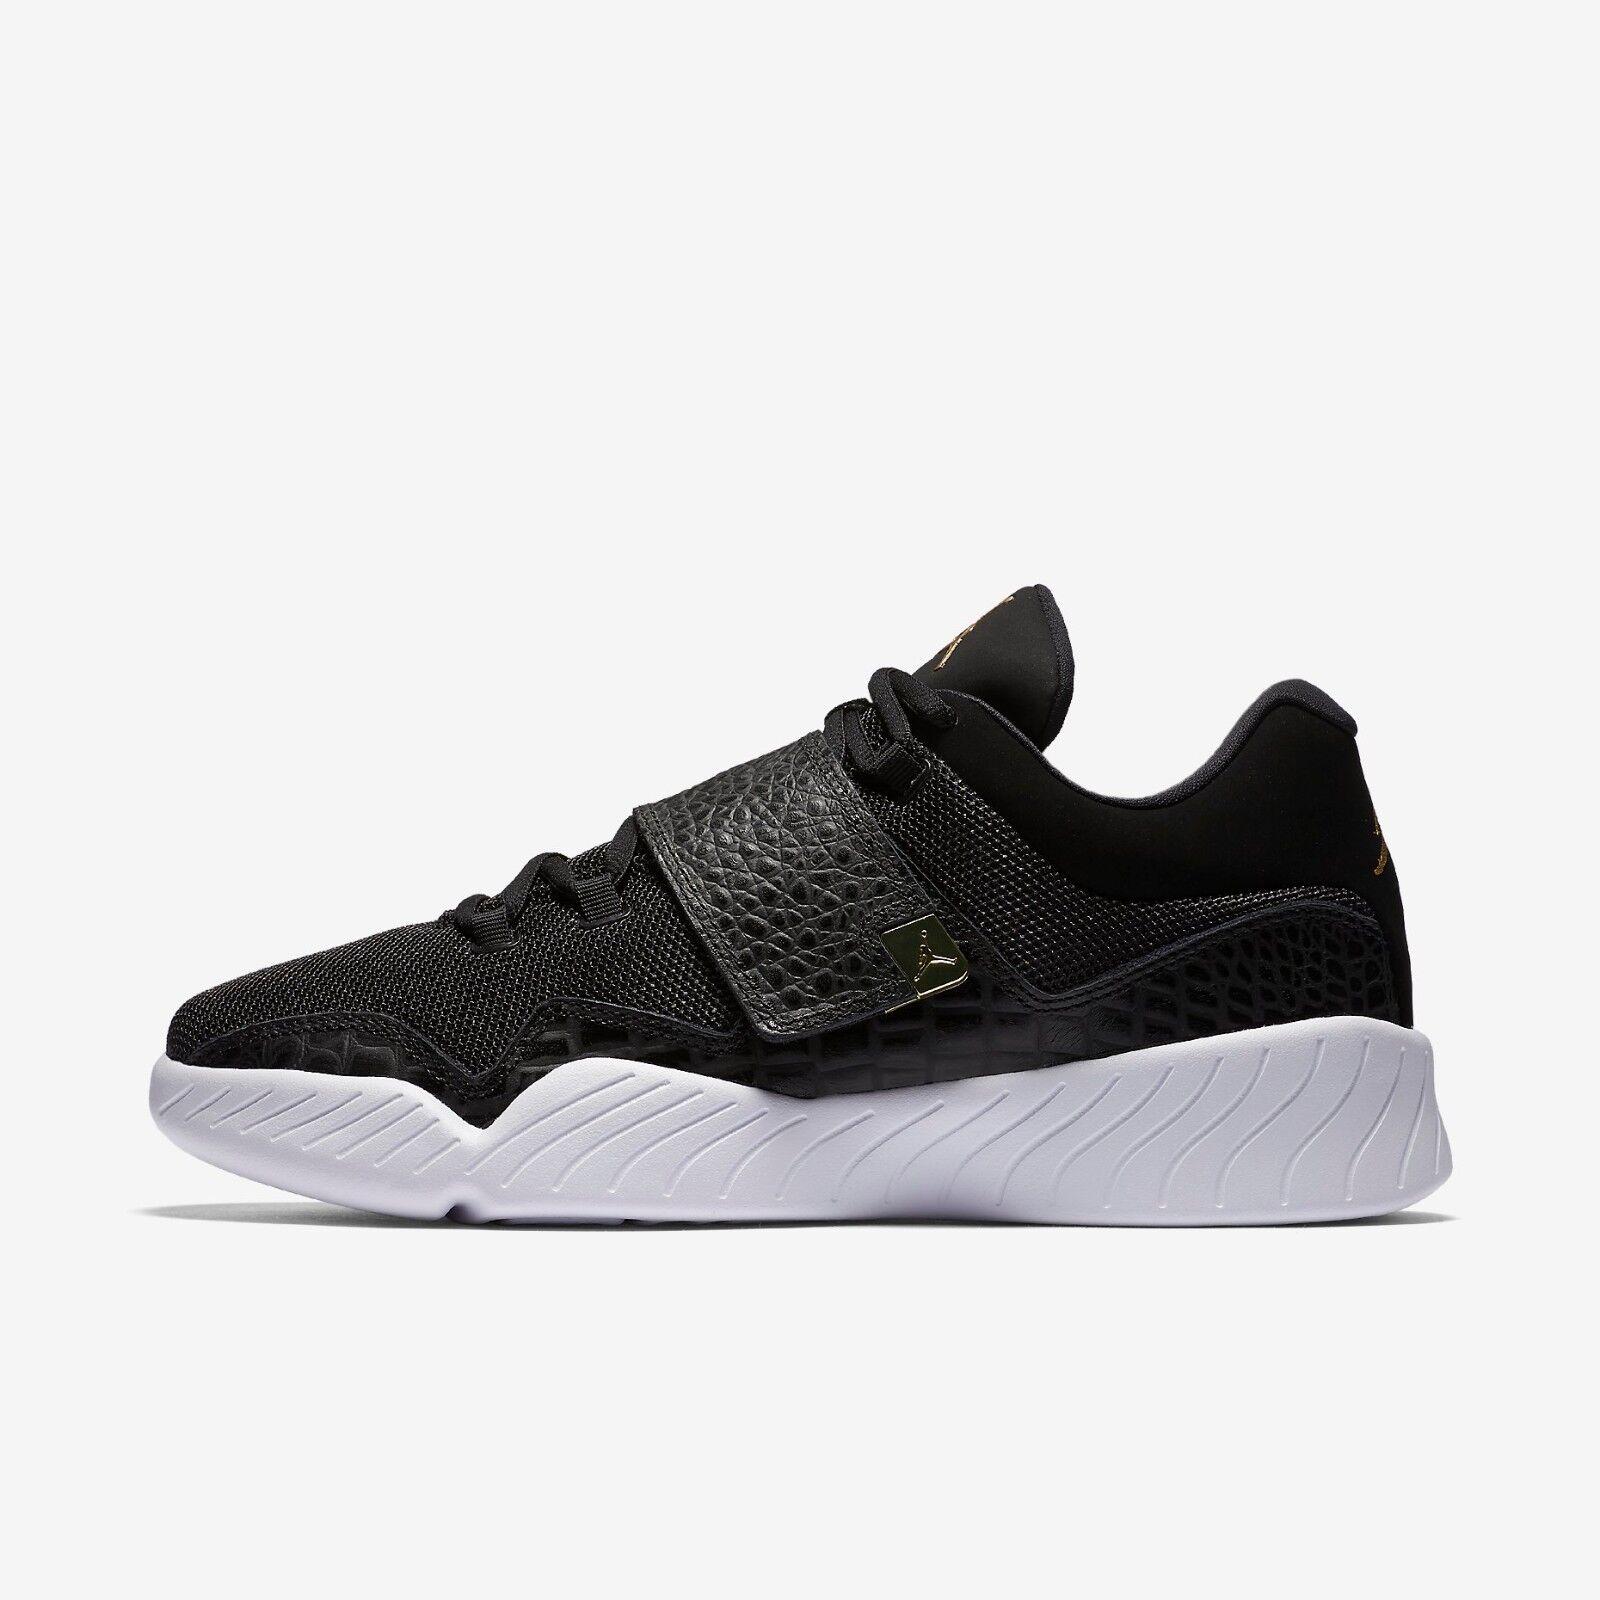 New Men's Air Jordan J23 shoes (854557-004)  Men US 10   Eur 44